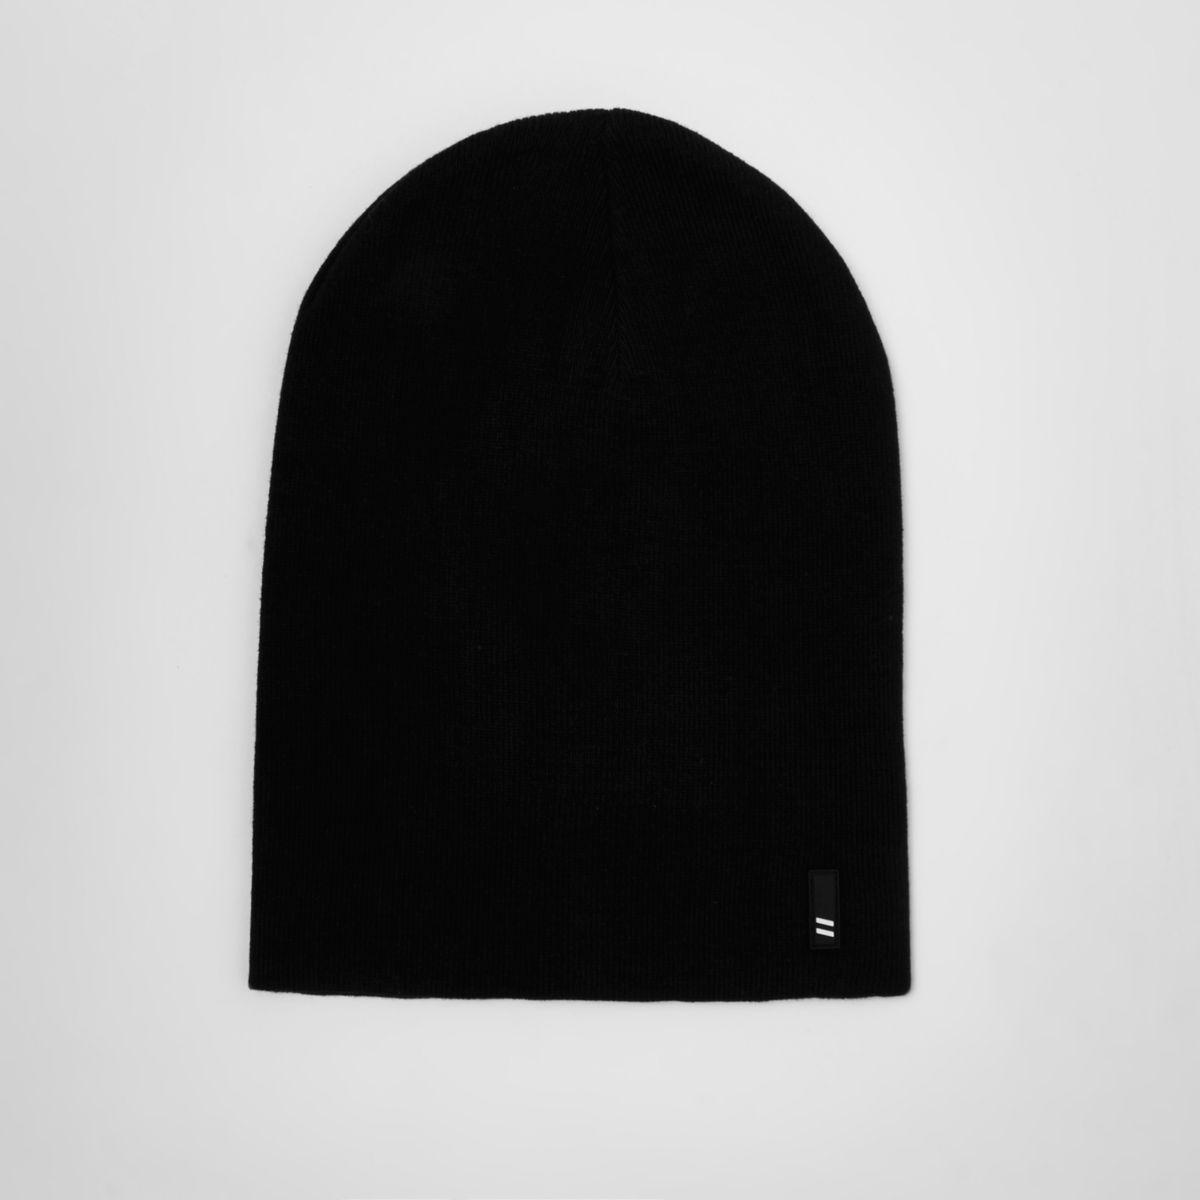 Lässige schwarze Beaniemütze